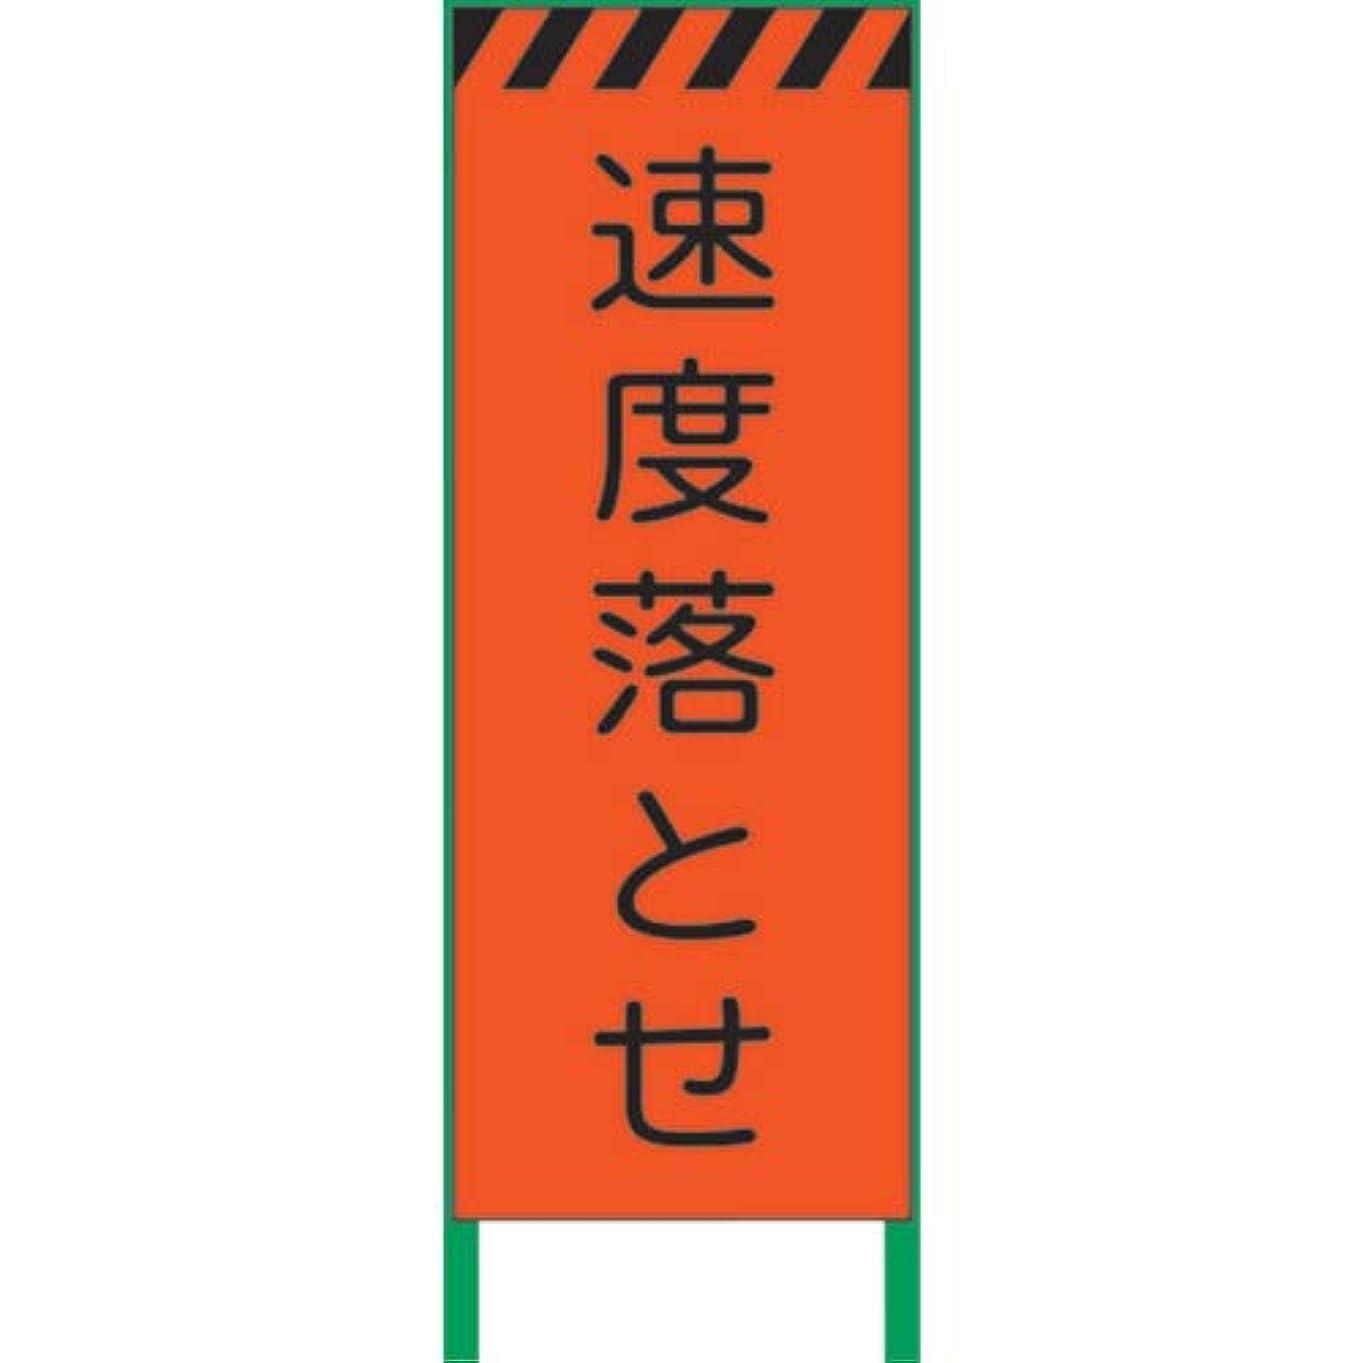 どれか印刷するいらいらするグリーンクロス 蛍光オレンジ高輝度 工事看板 速度落とせ 1102106101